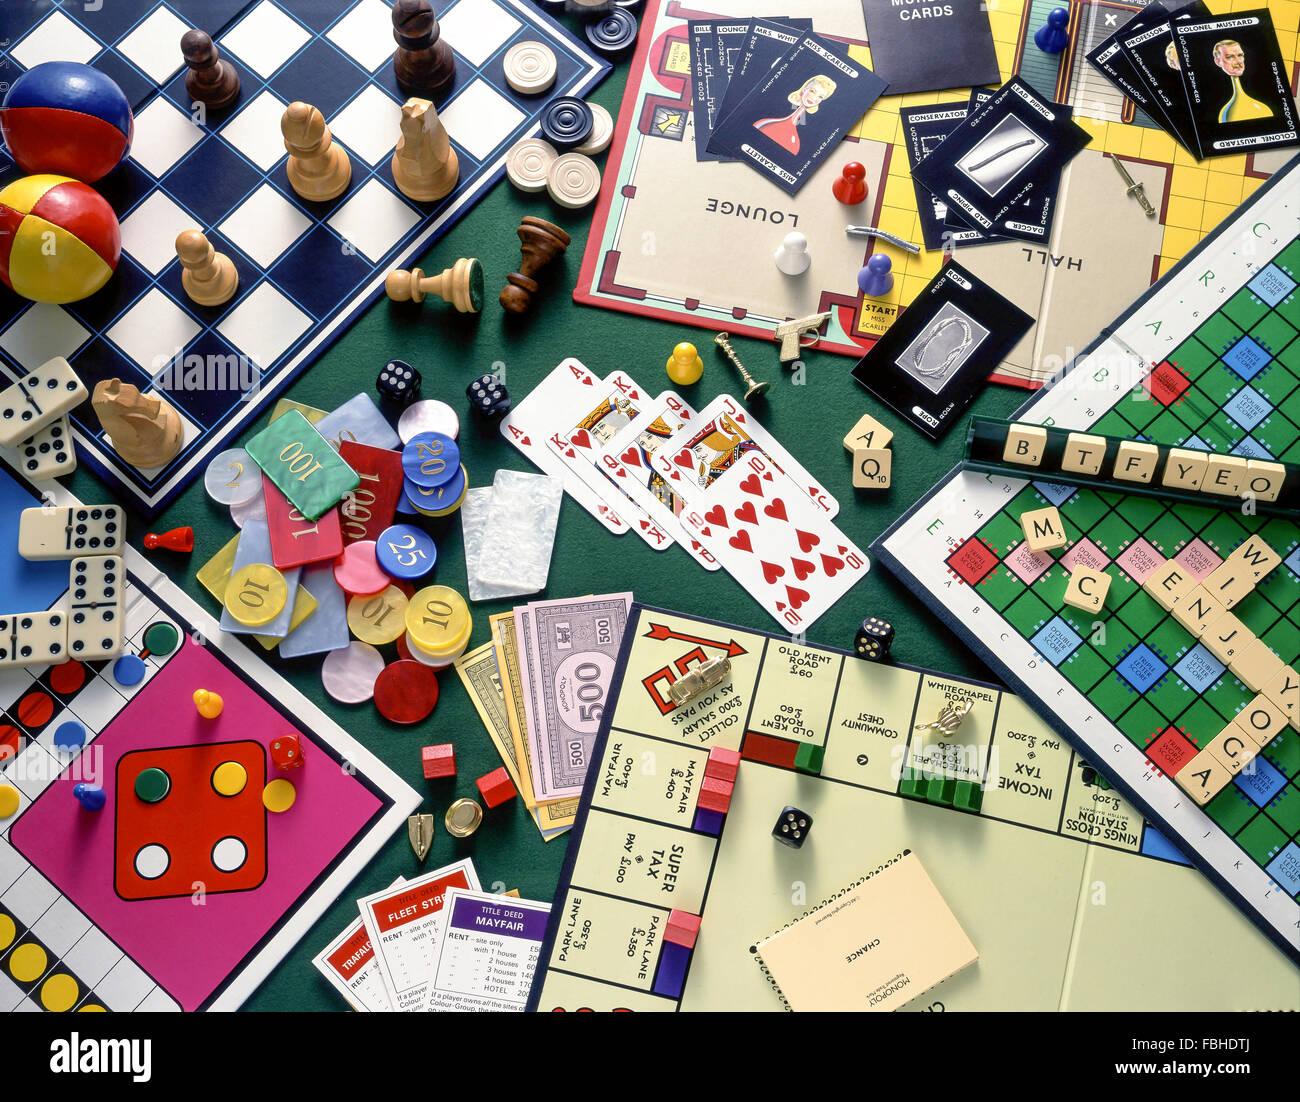 Still life (selección de juegos de mesa, ajedrez, Monopoly, Scrabble Cluedo) con cartas y fichas de juego Imagen De Stock